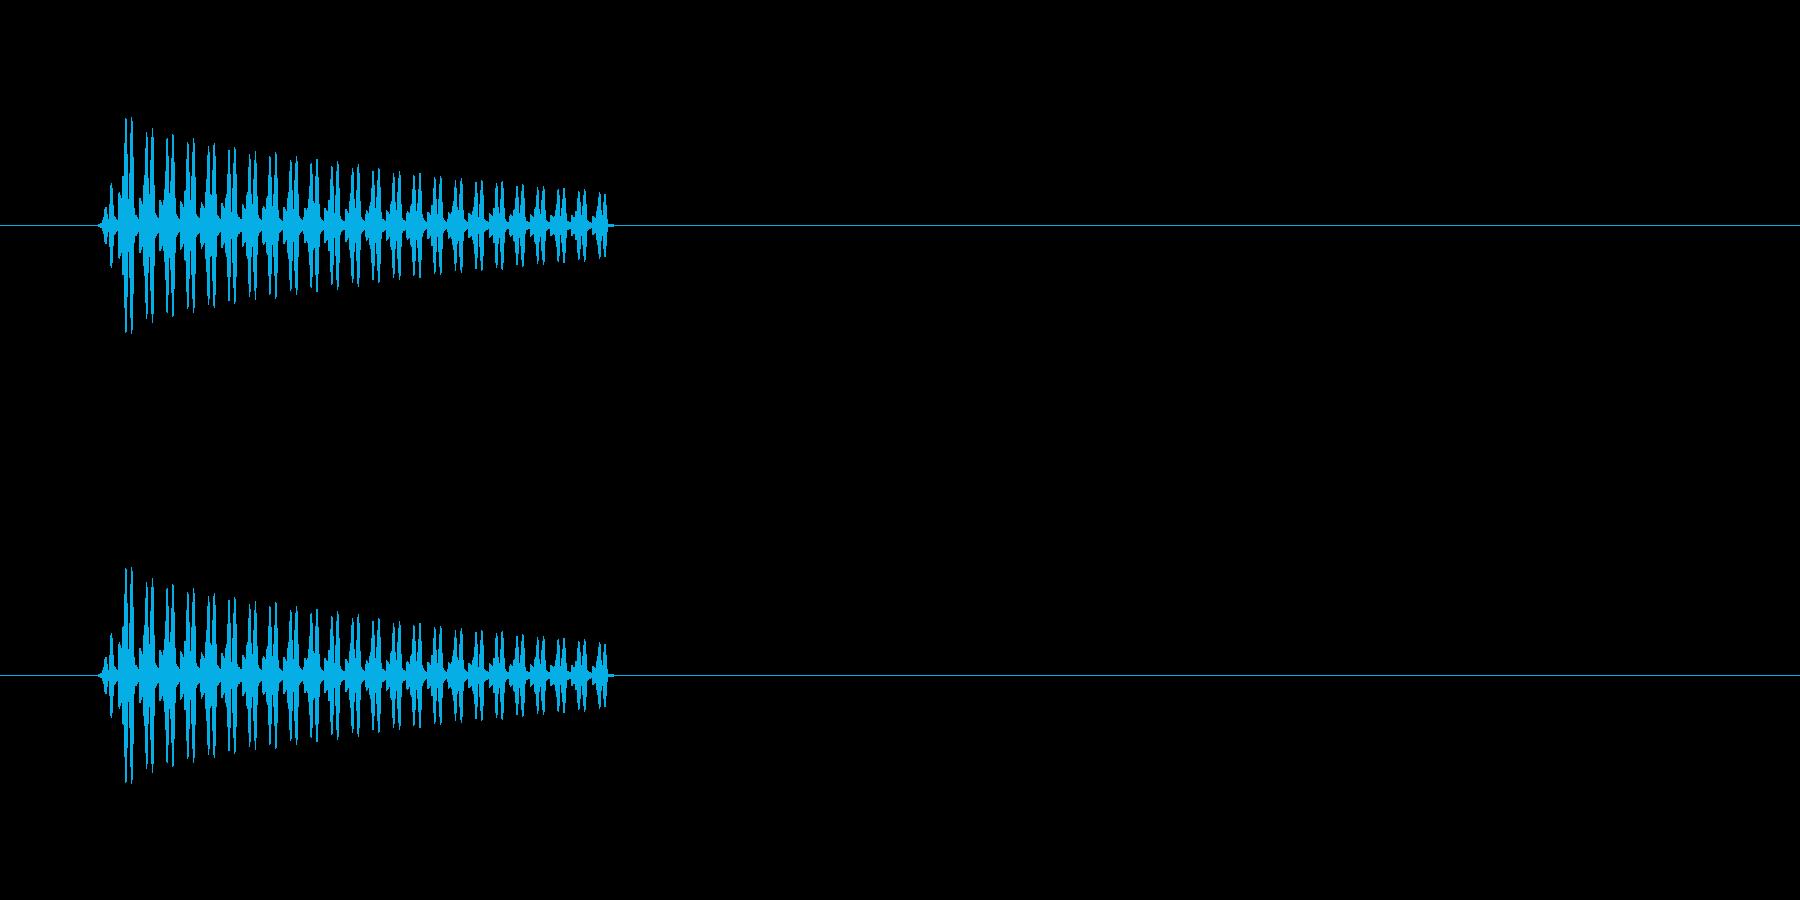 ブー(選択不可音)の再生済みの波形